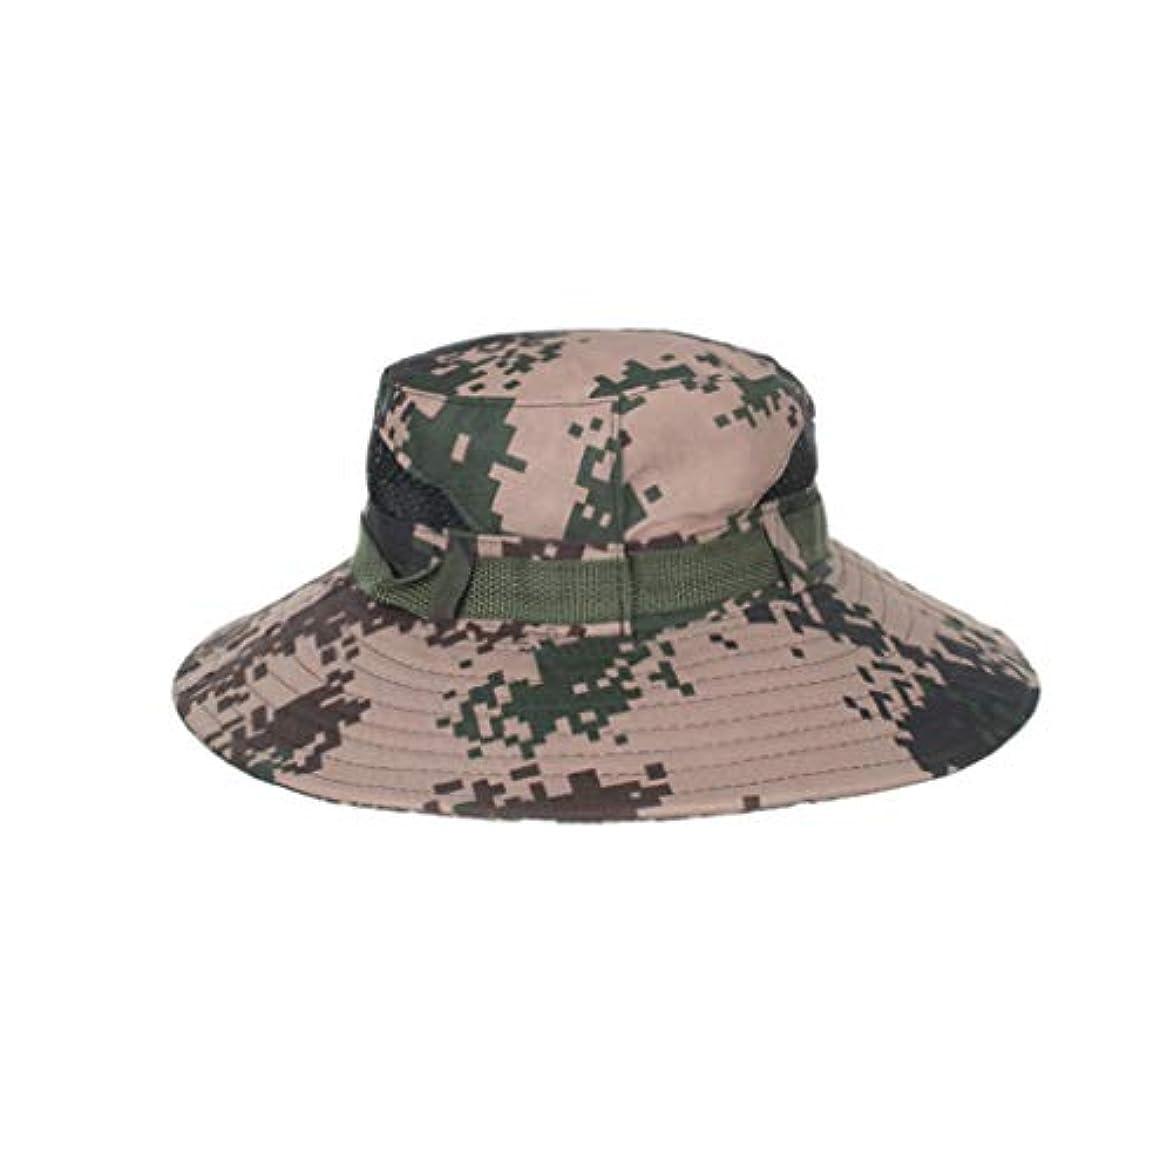 忠実なエトナ山助言する帽子 ハット ファッション夏アウトドアサンハットバケットメッシュハット乾燥釣りキャップ